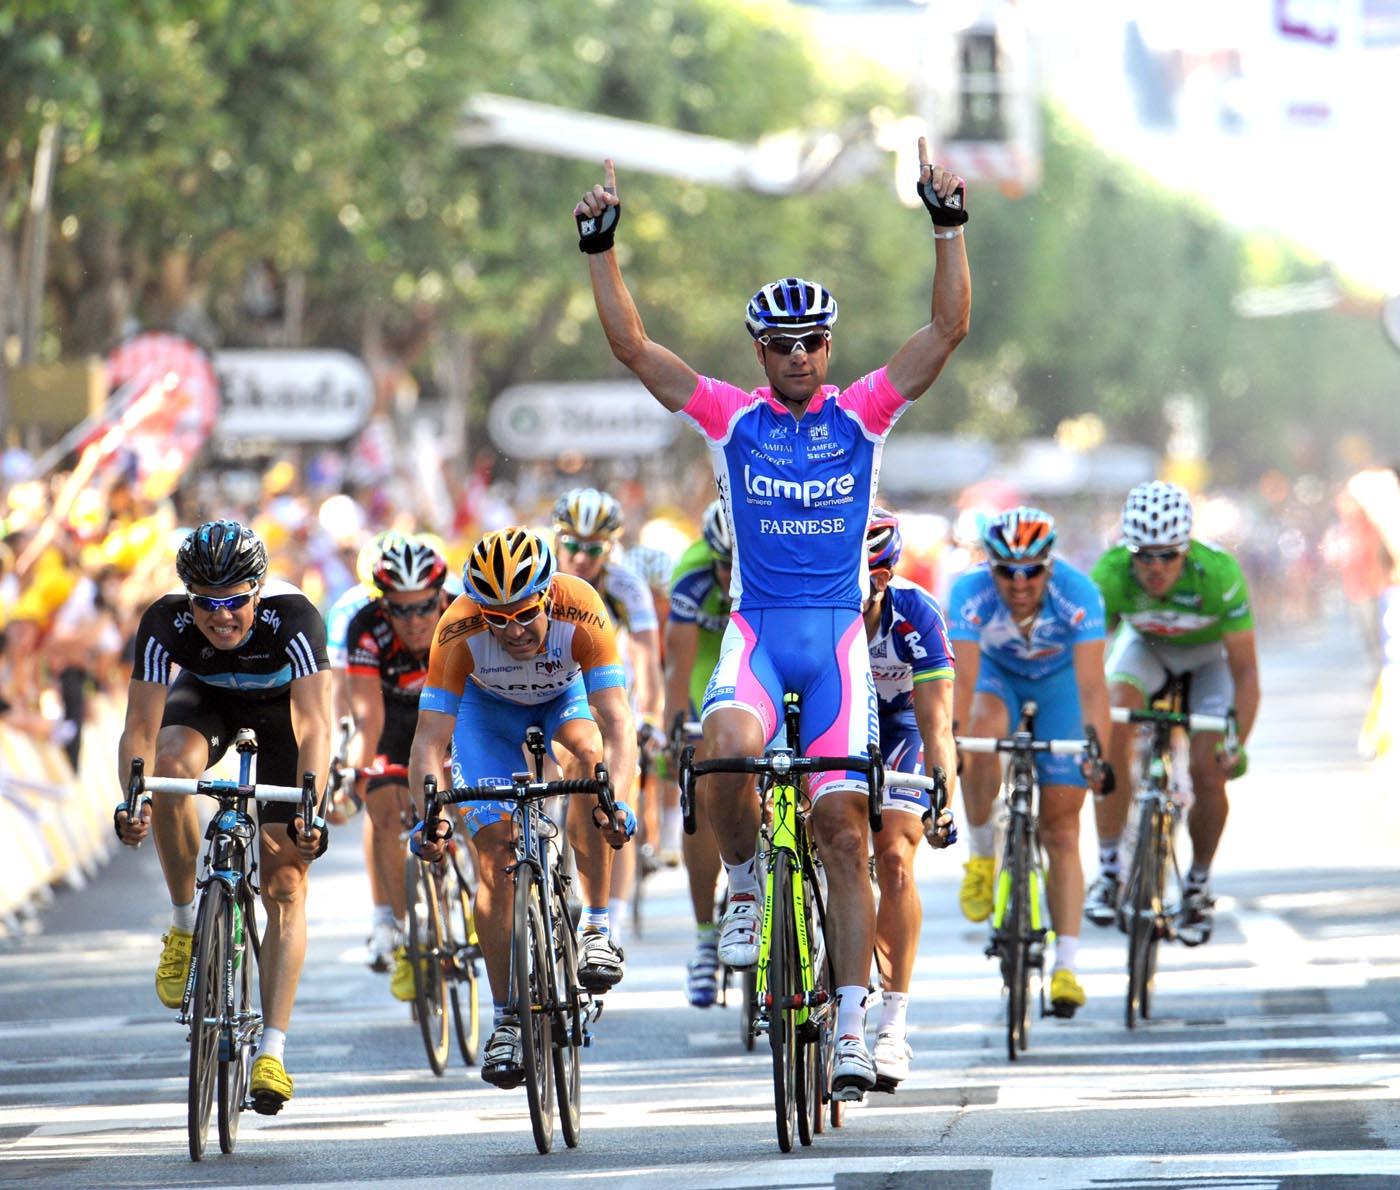 Alessandro Petacchi wins Tour de France 2010 stage 4